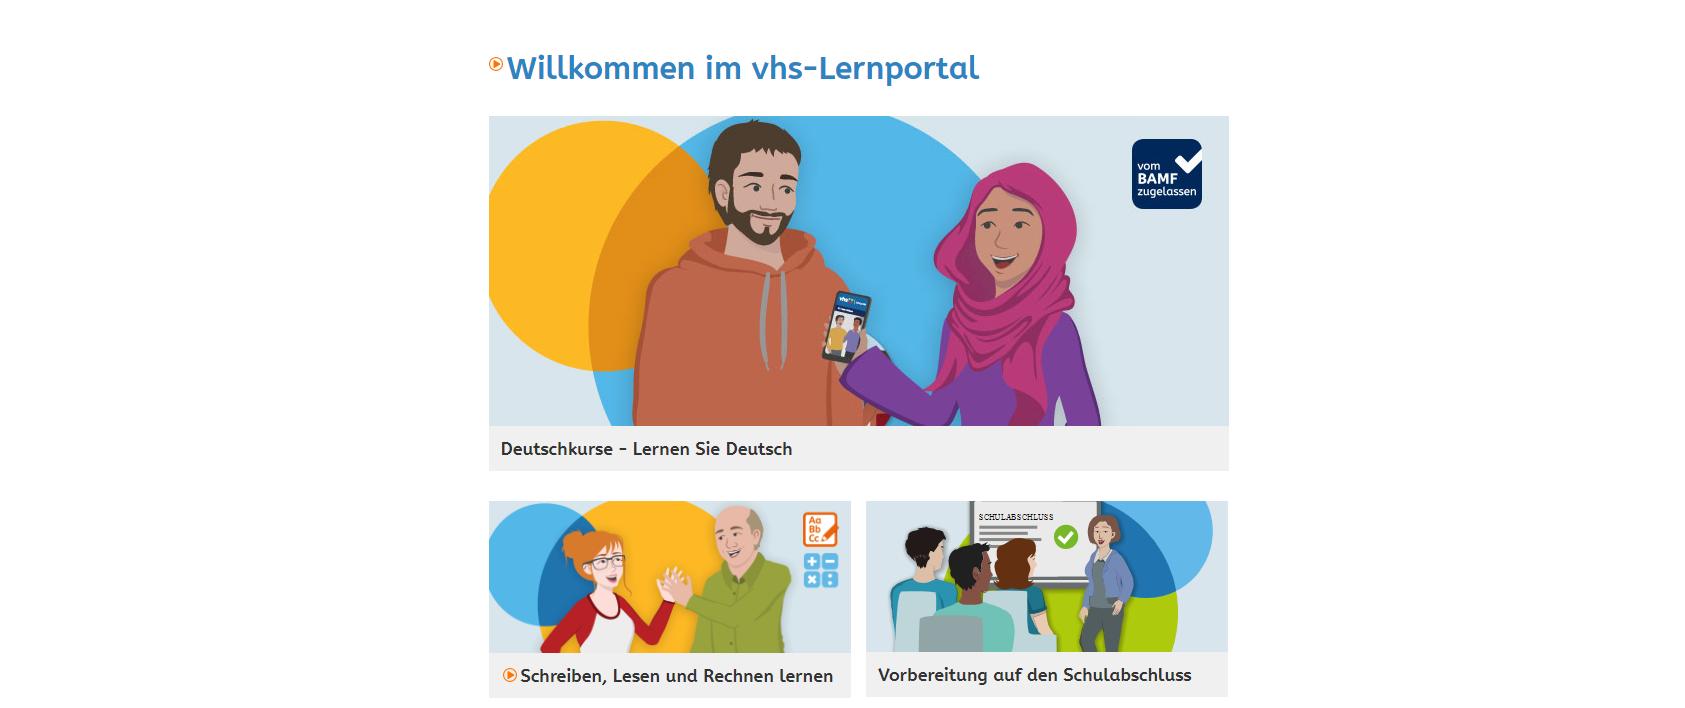 Screenshot des vhs-Lernportals